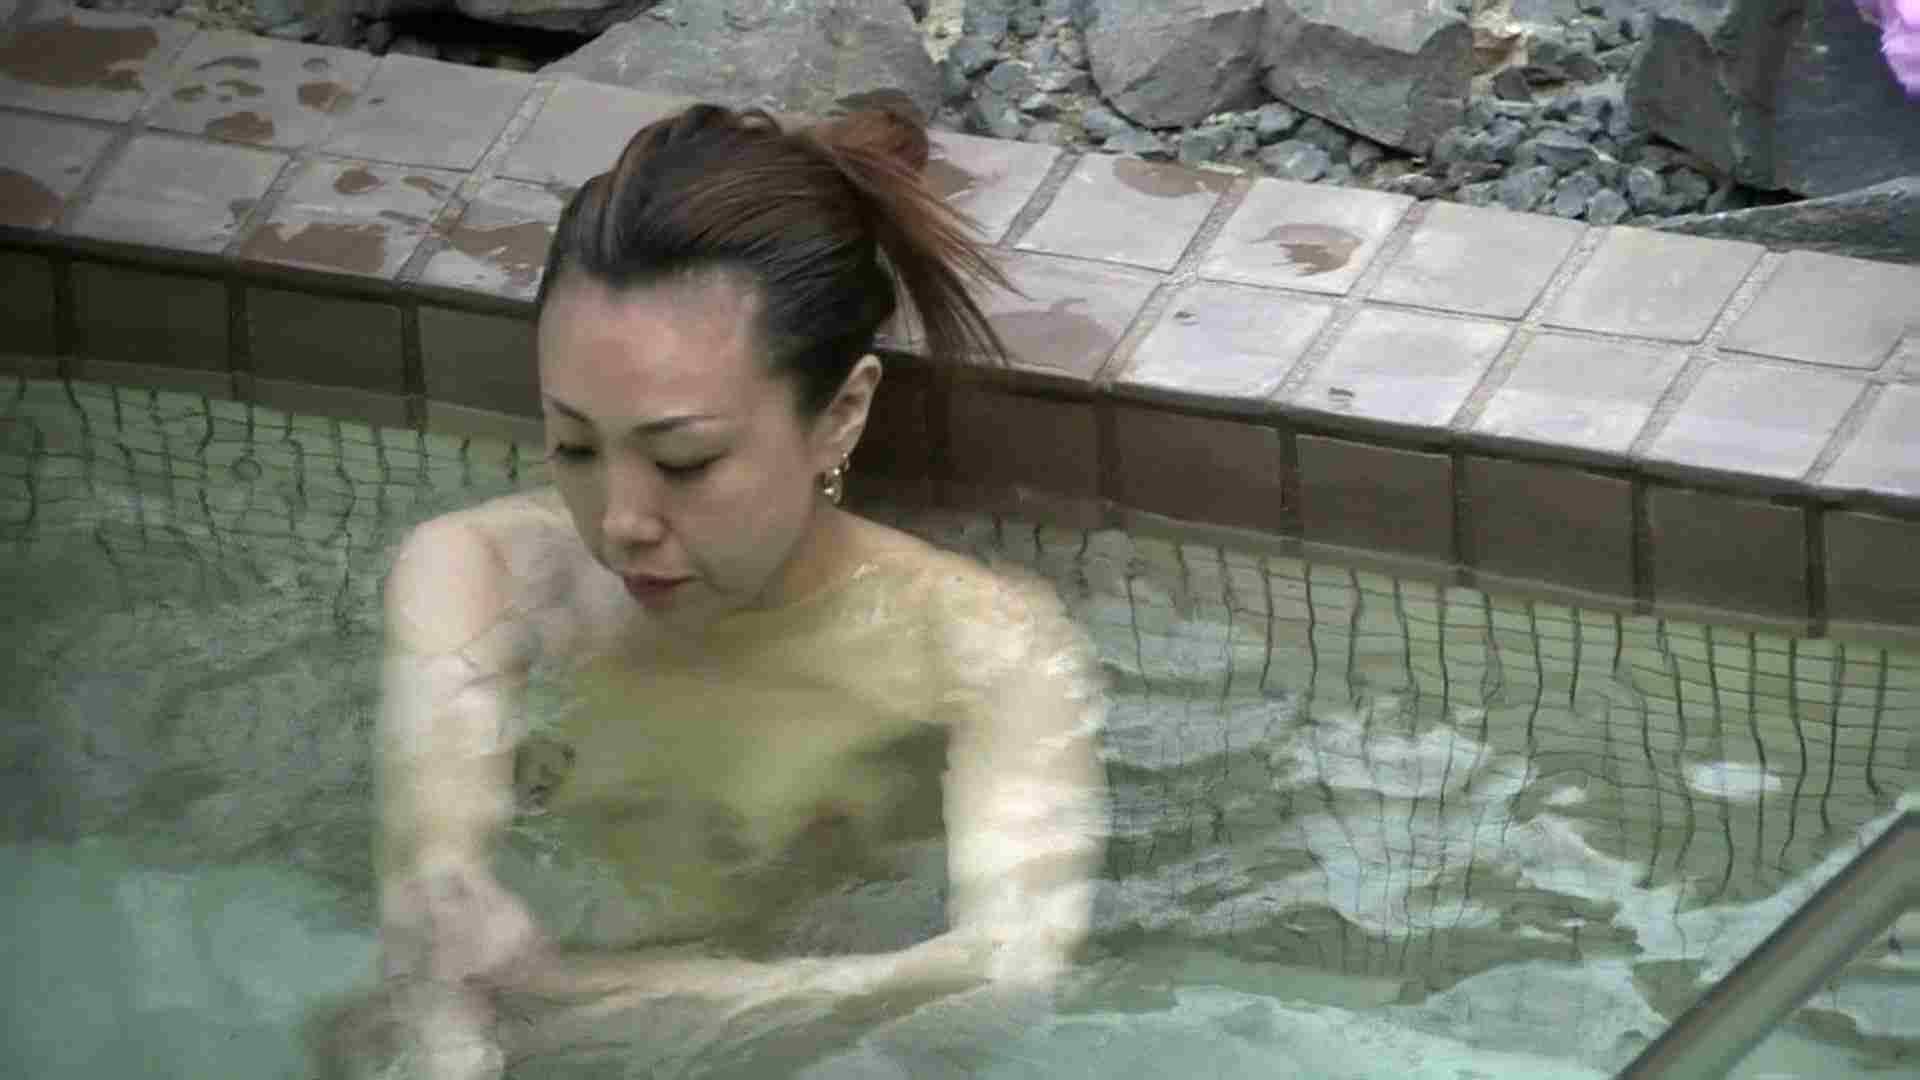 Aquaな露天風呂Vol.654 盗撮動画 | 露天風呂  11枚 1